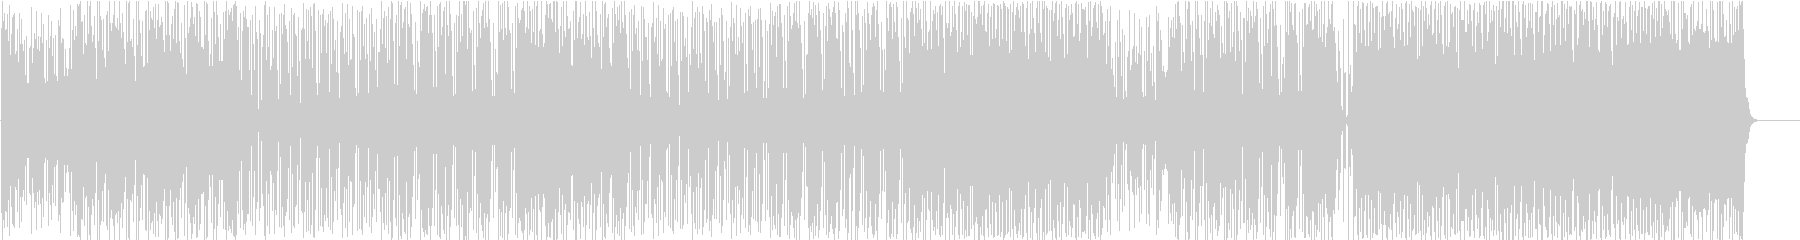 ノリの良いダークなインスト曲の未再生の波形